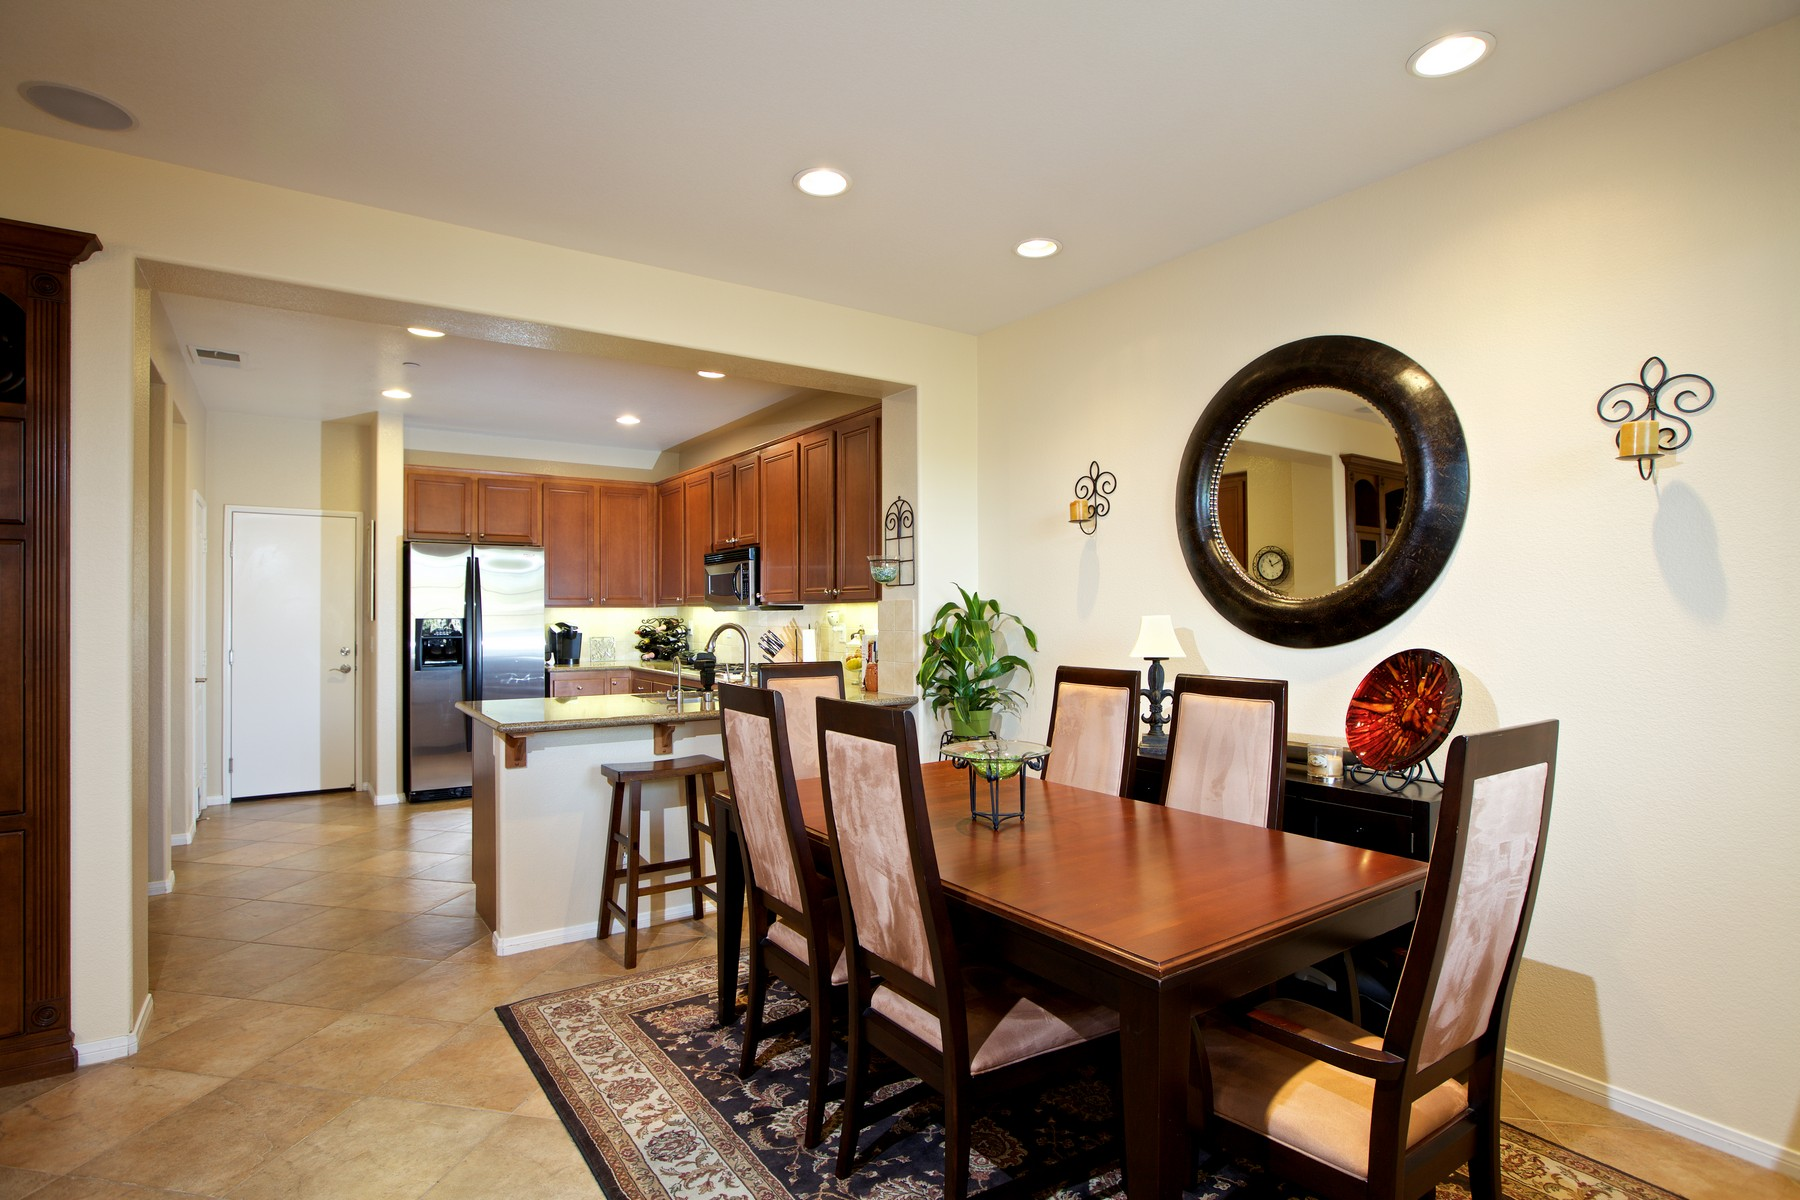 Casa Unifamiliar Adosada por un Venta en 6201 Verda Lane San Diego, California 92130 Estados Unidos